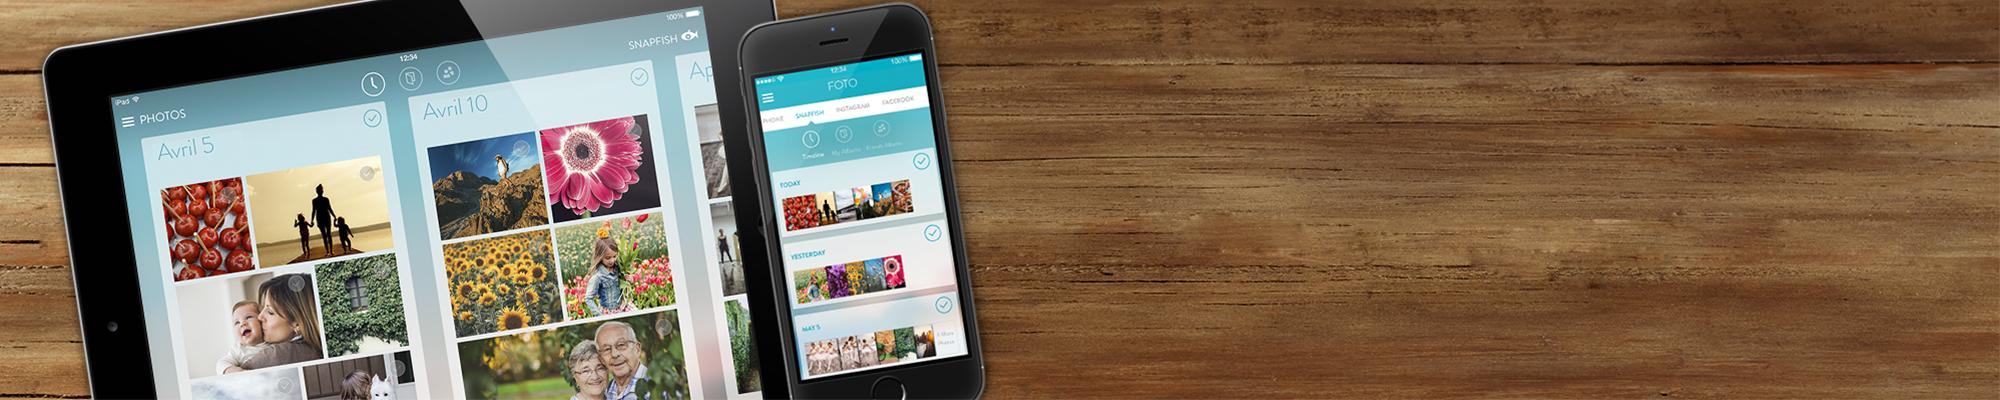 Application Snapfish : Consultez, téléchargez, partagez et commandez vos tirages depuis votre mobile !